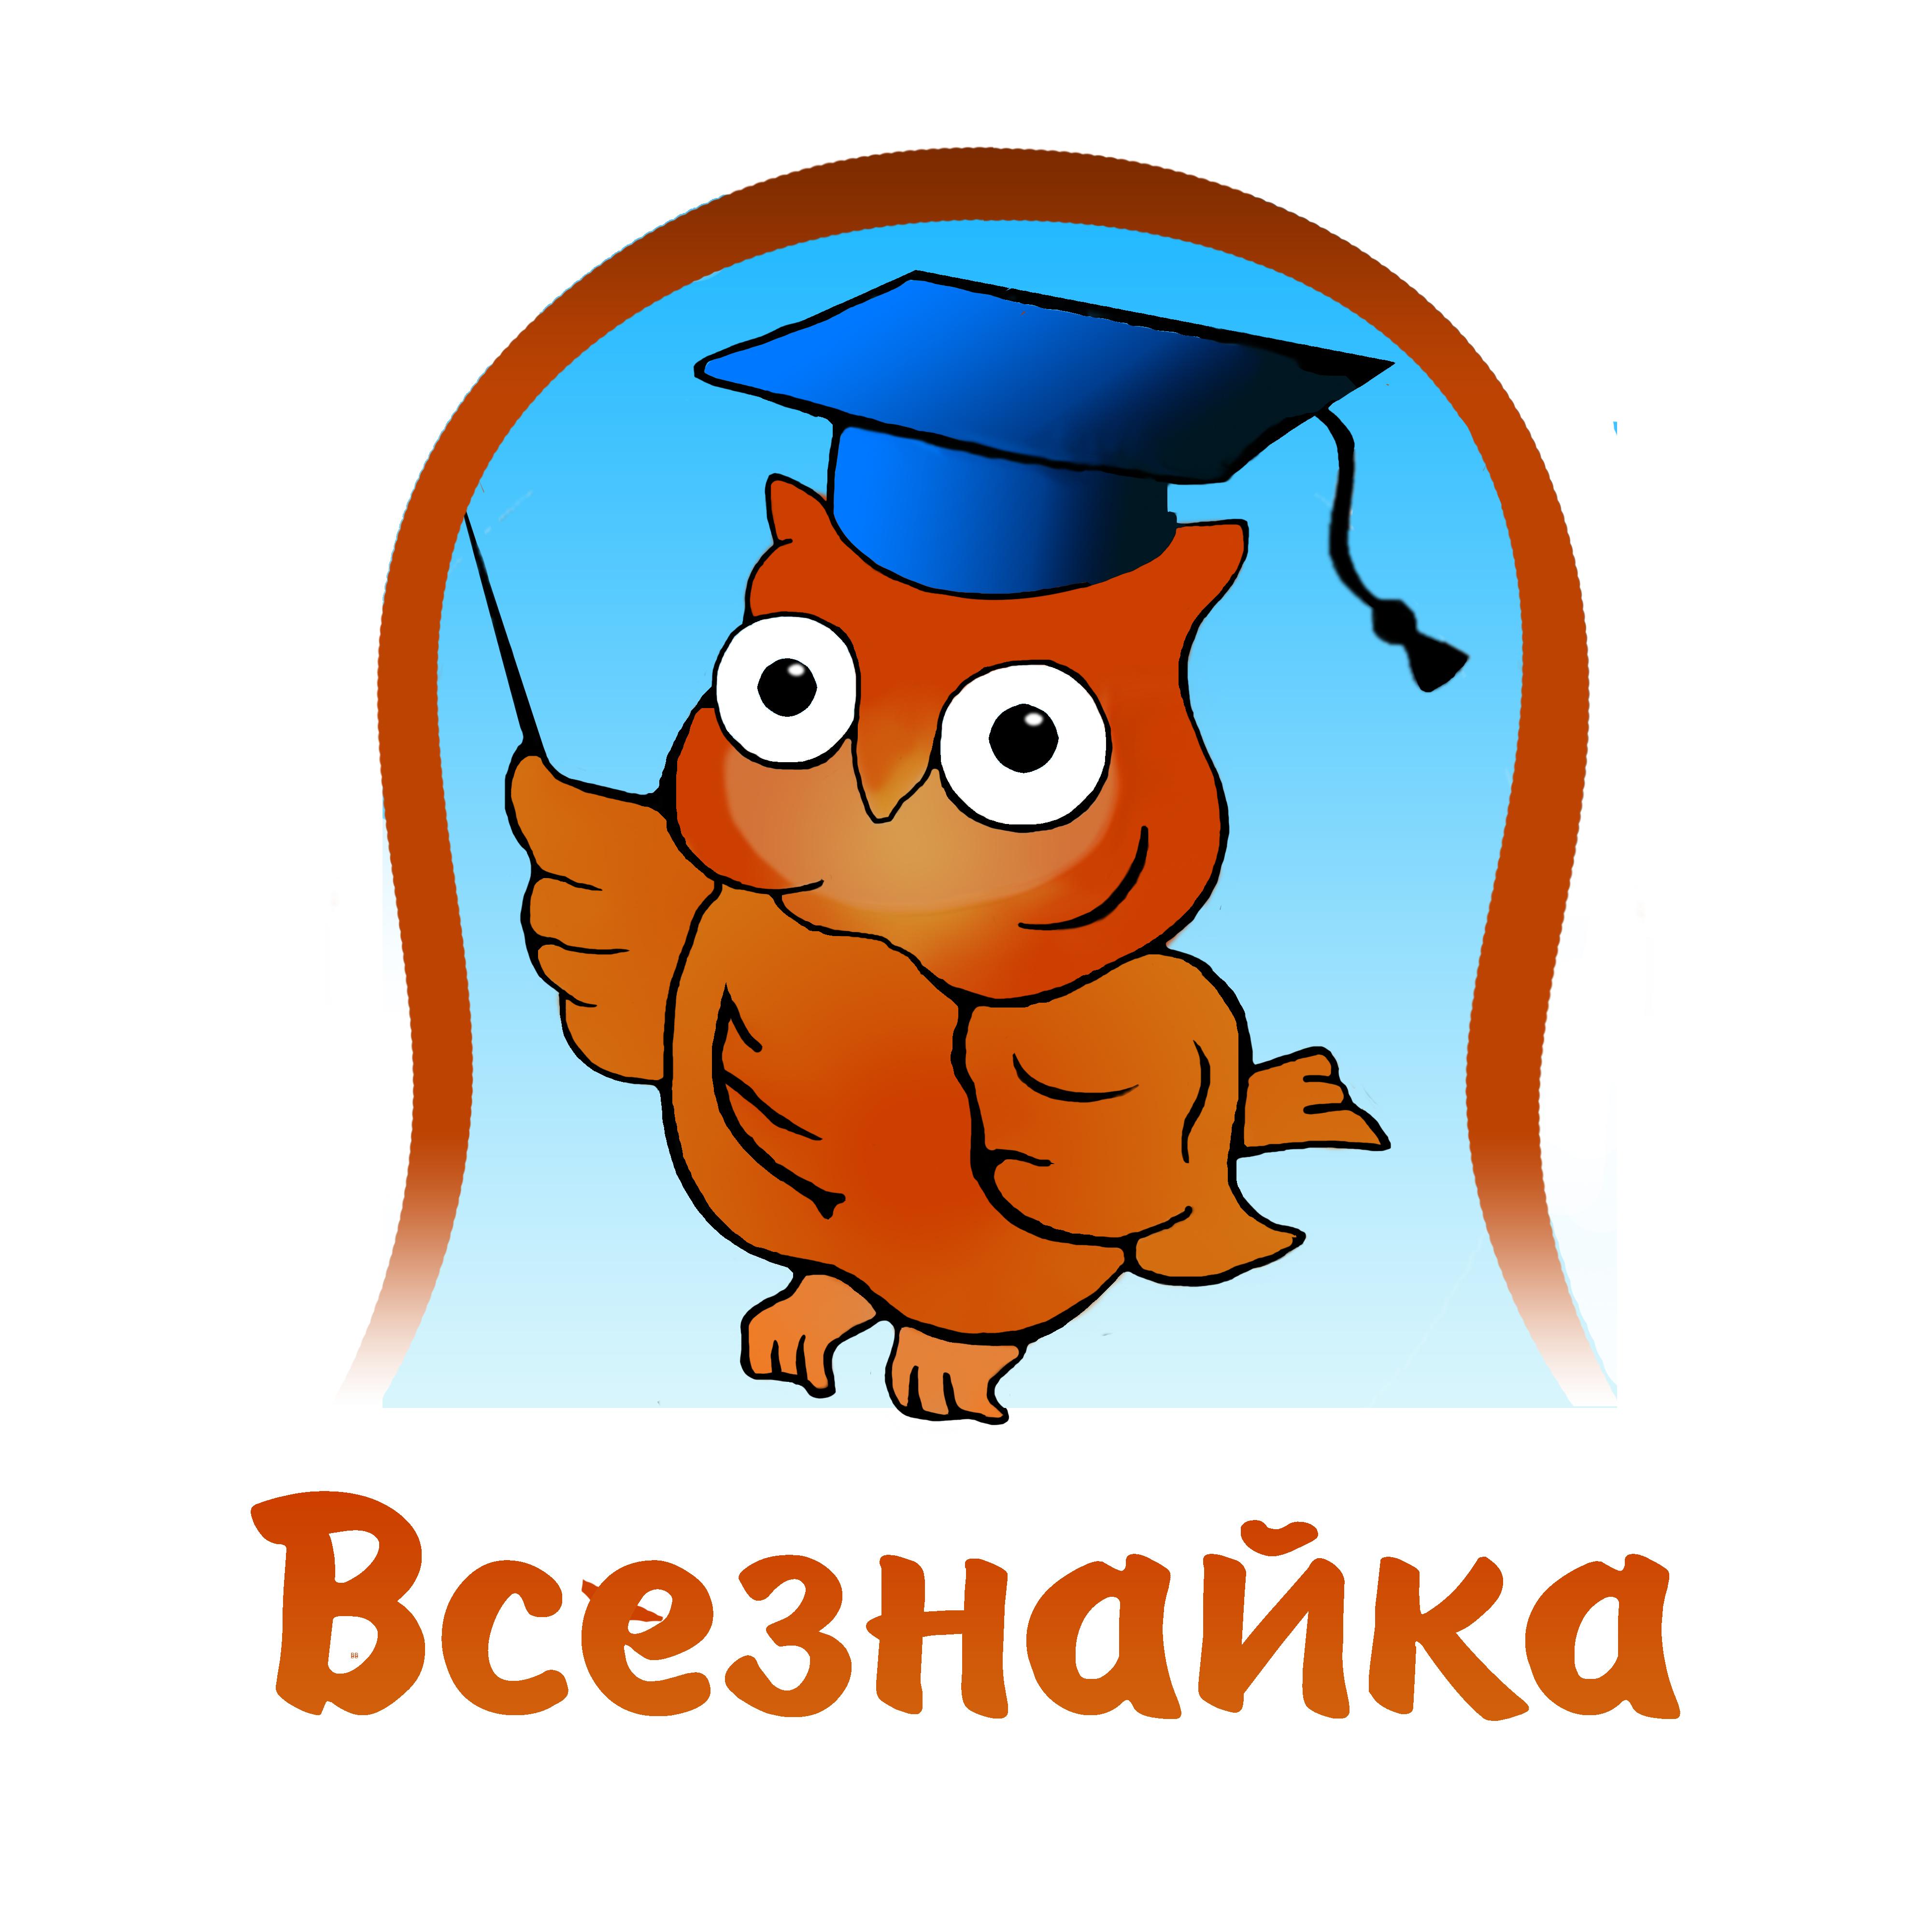 http://komarshkola.ucoz.ru/2013-2014/vseznajka.jpg